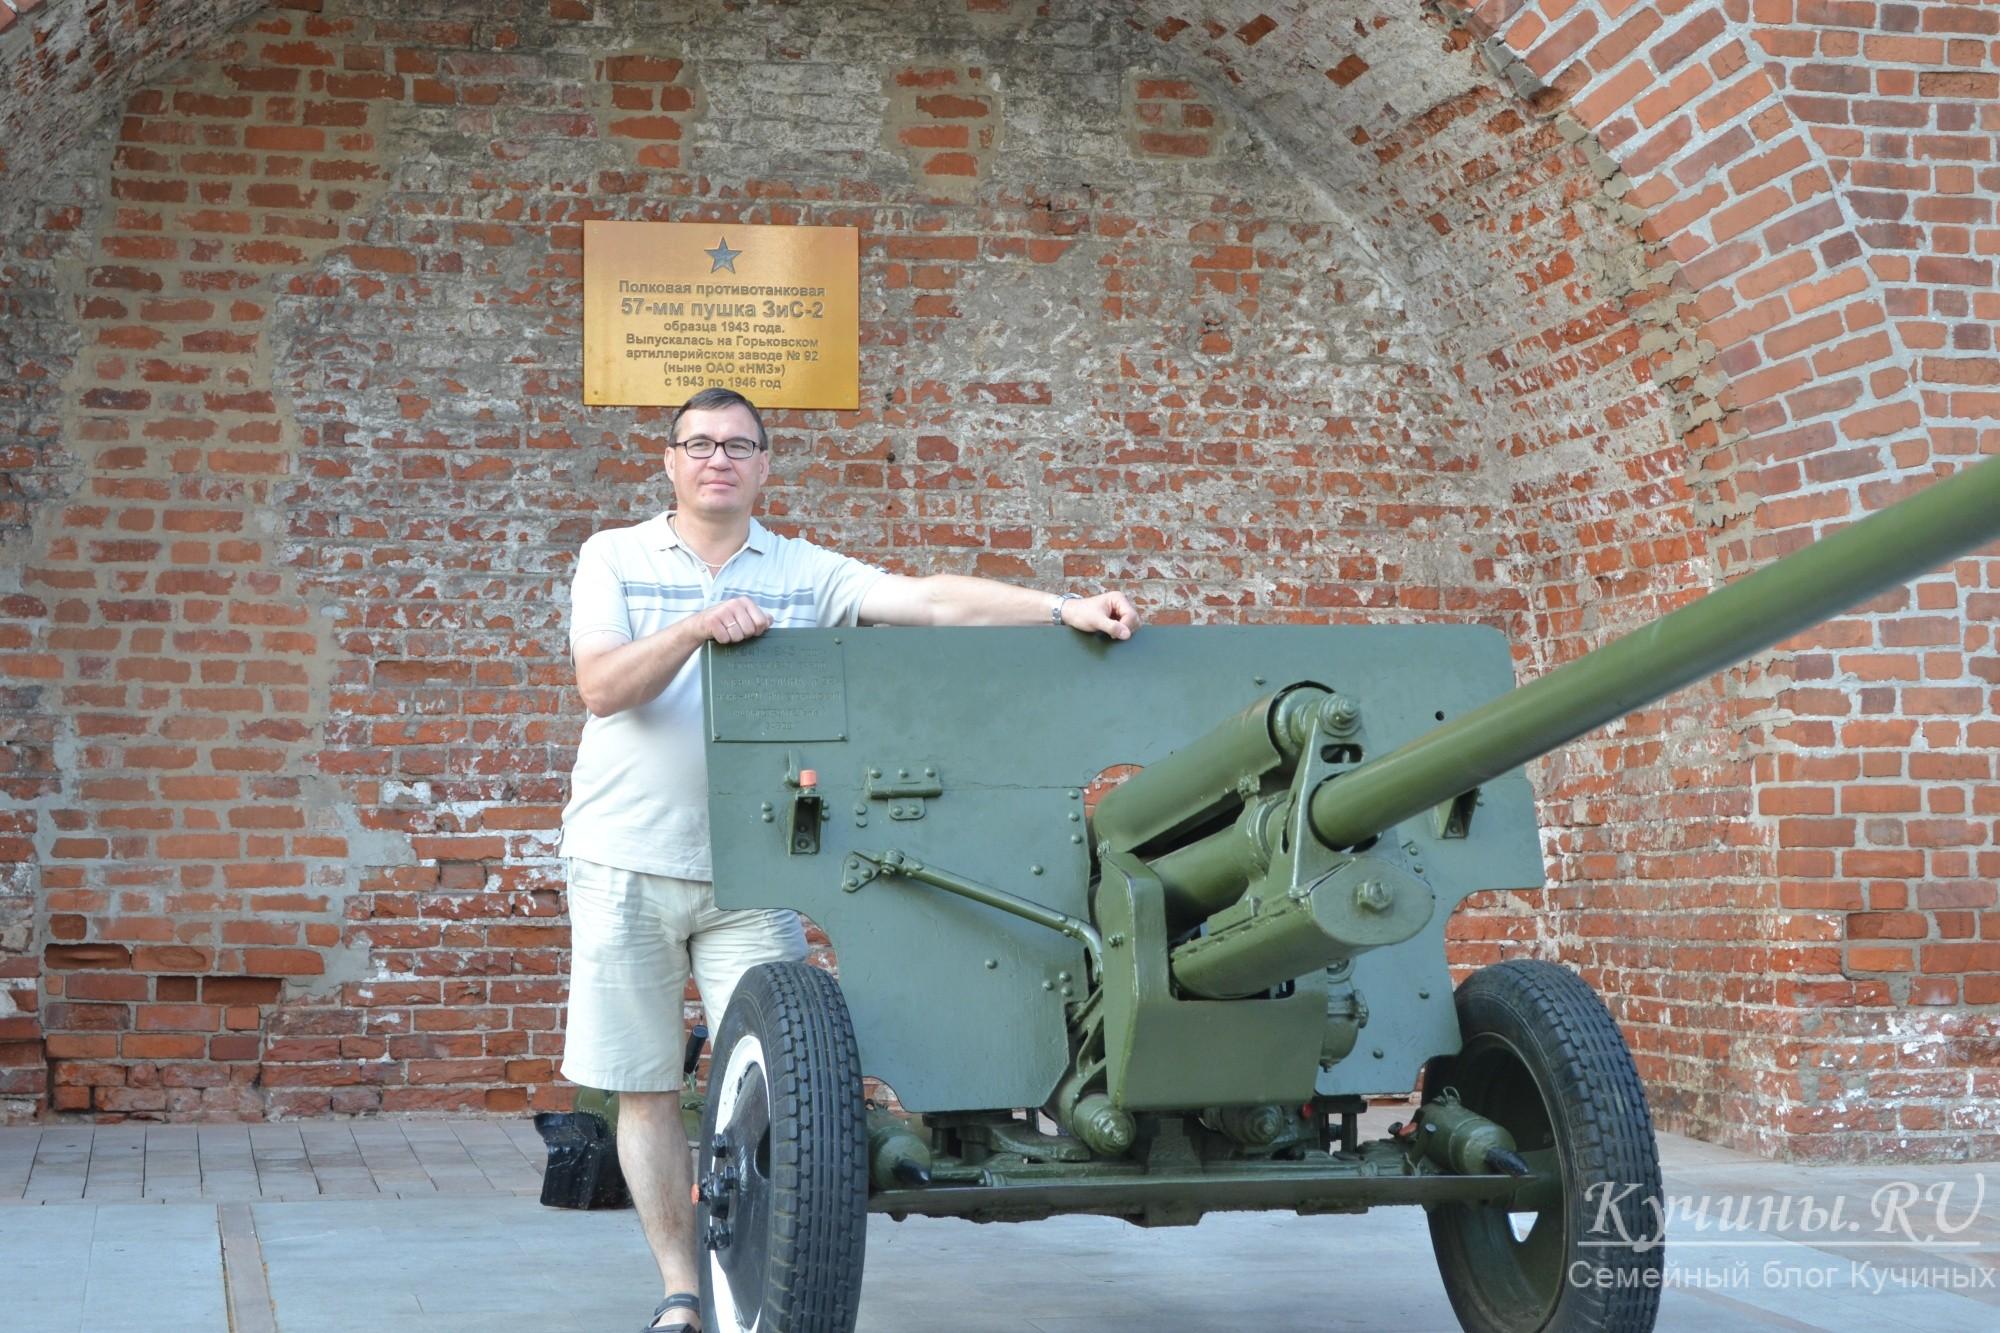 Ну как артиллерист пройдет мимо